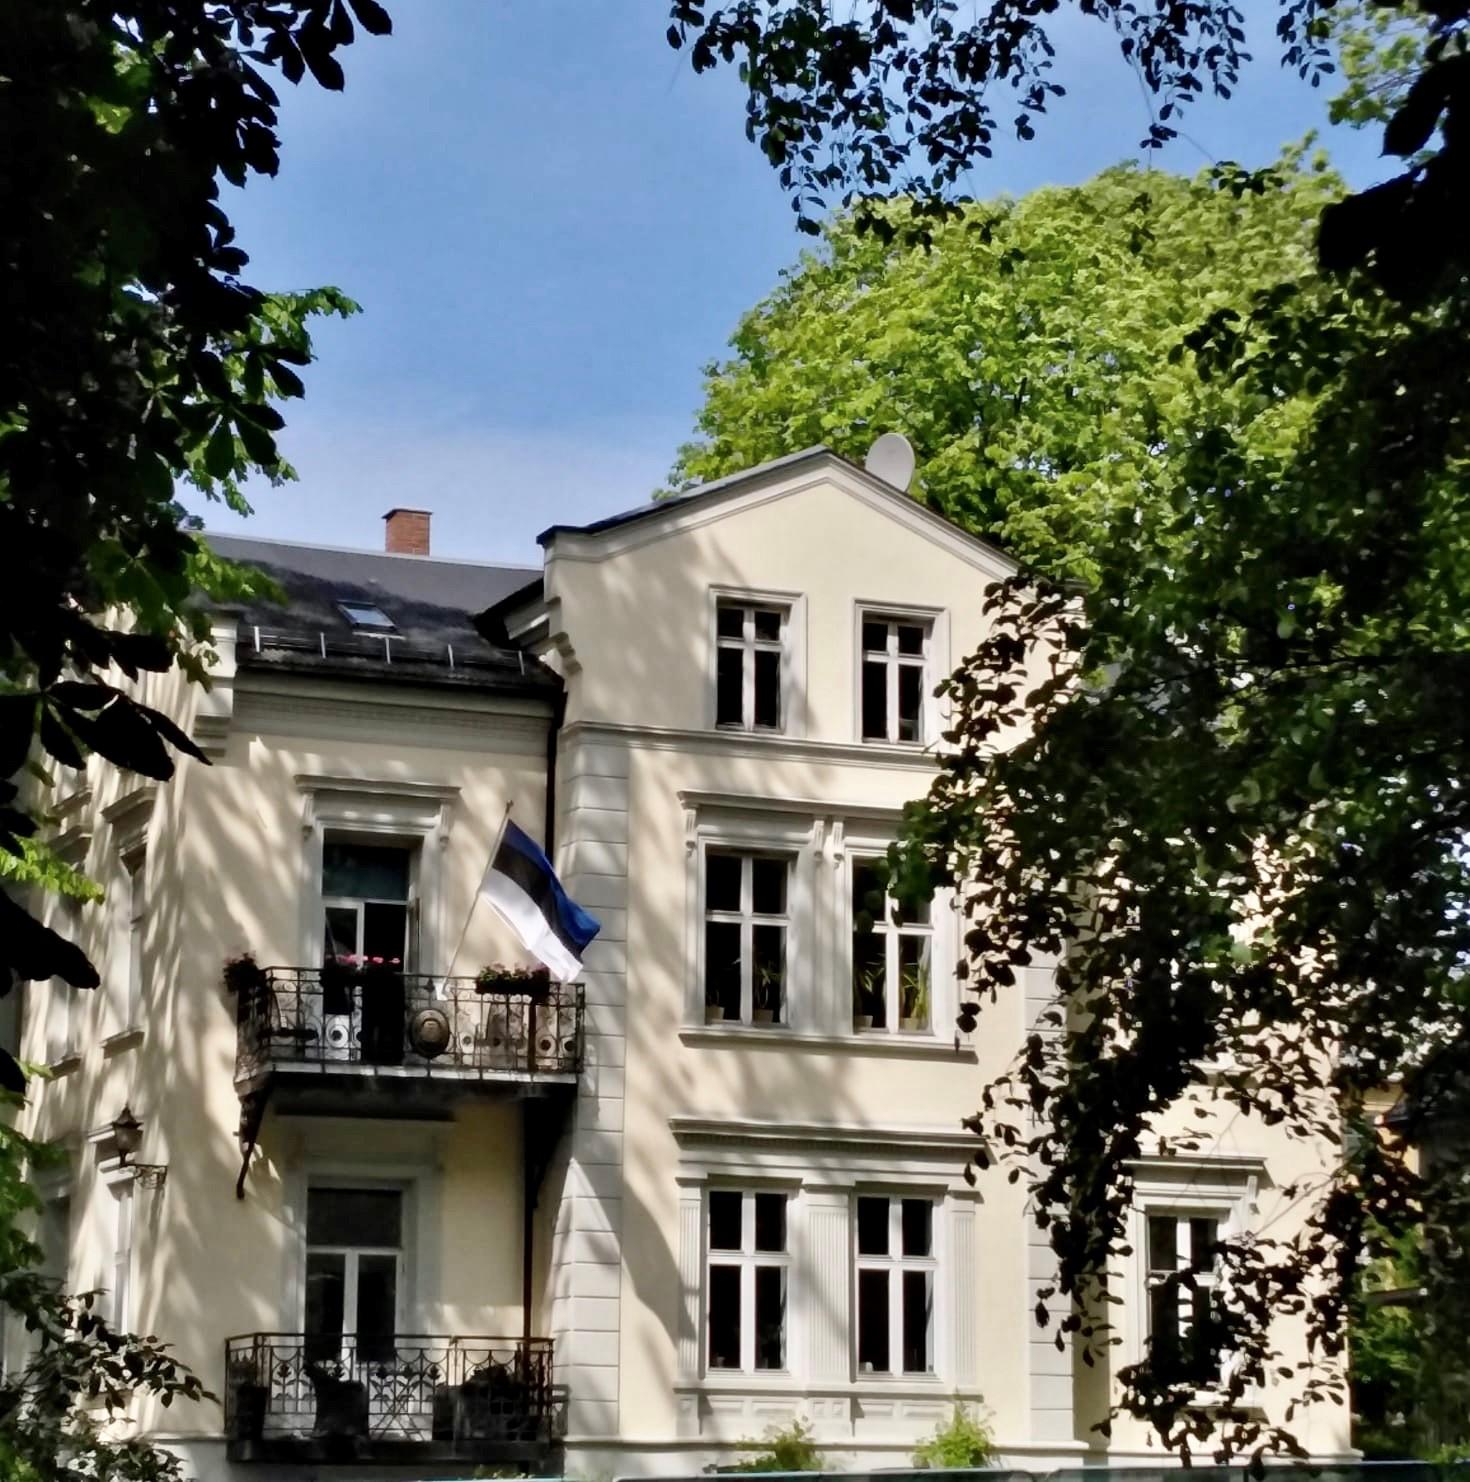 Eesti saatkond Norras aadressil Parkveien 51, Oslo. Foto: Eesti saatkond Oslos